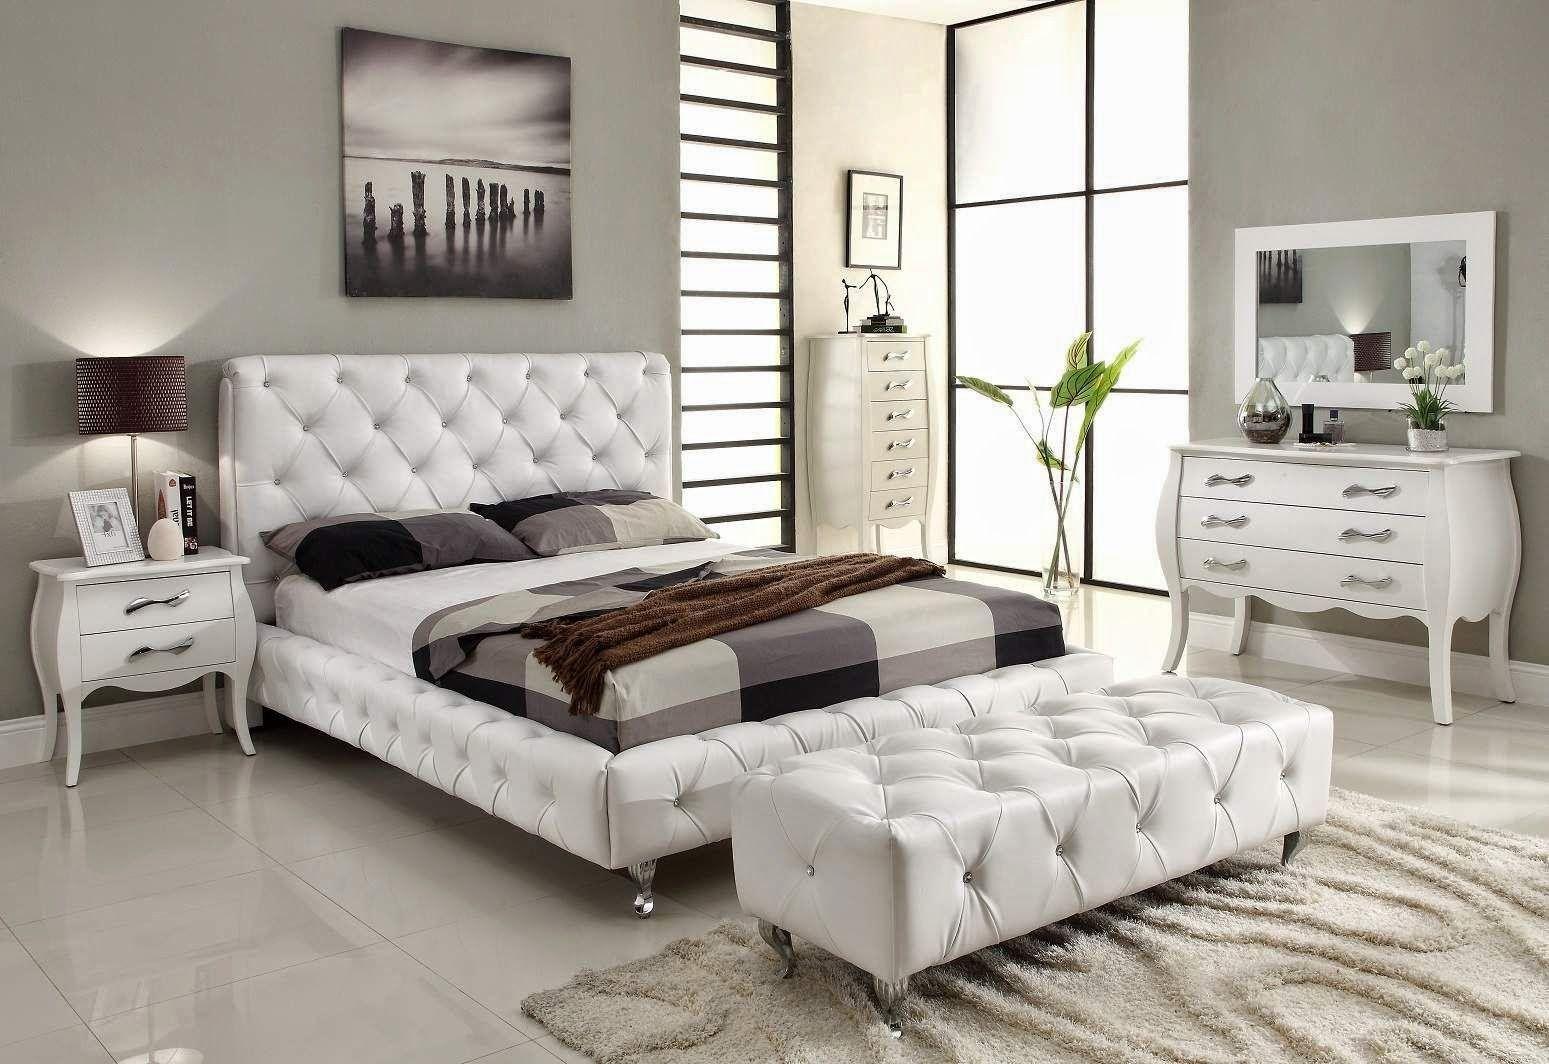 lit king size dimensions | ameublement de chambre à coucher | Deco ...